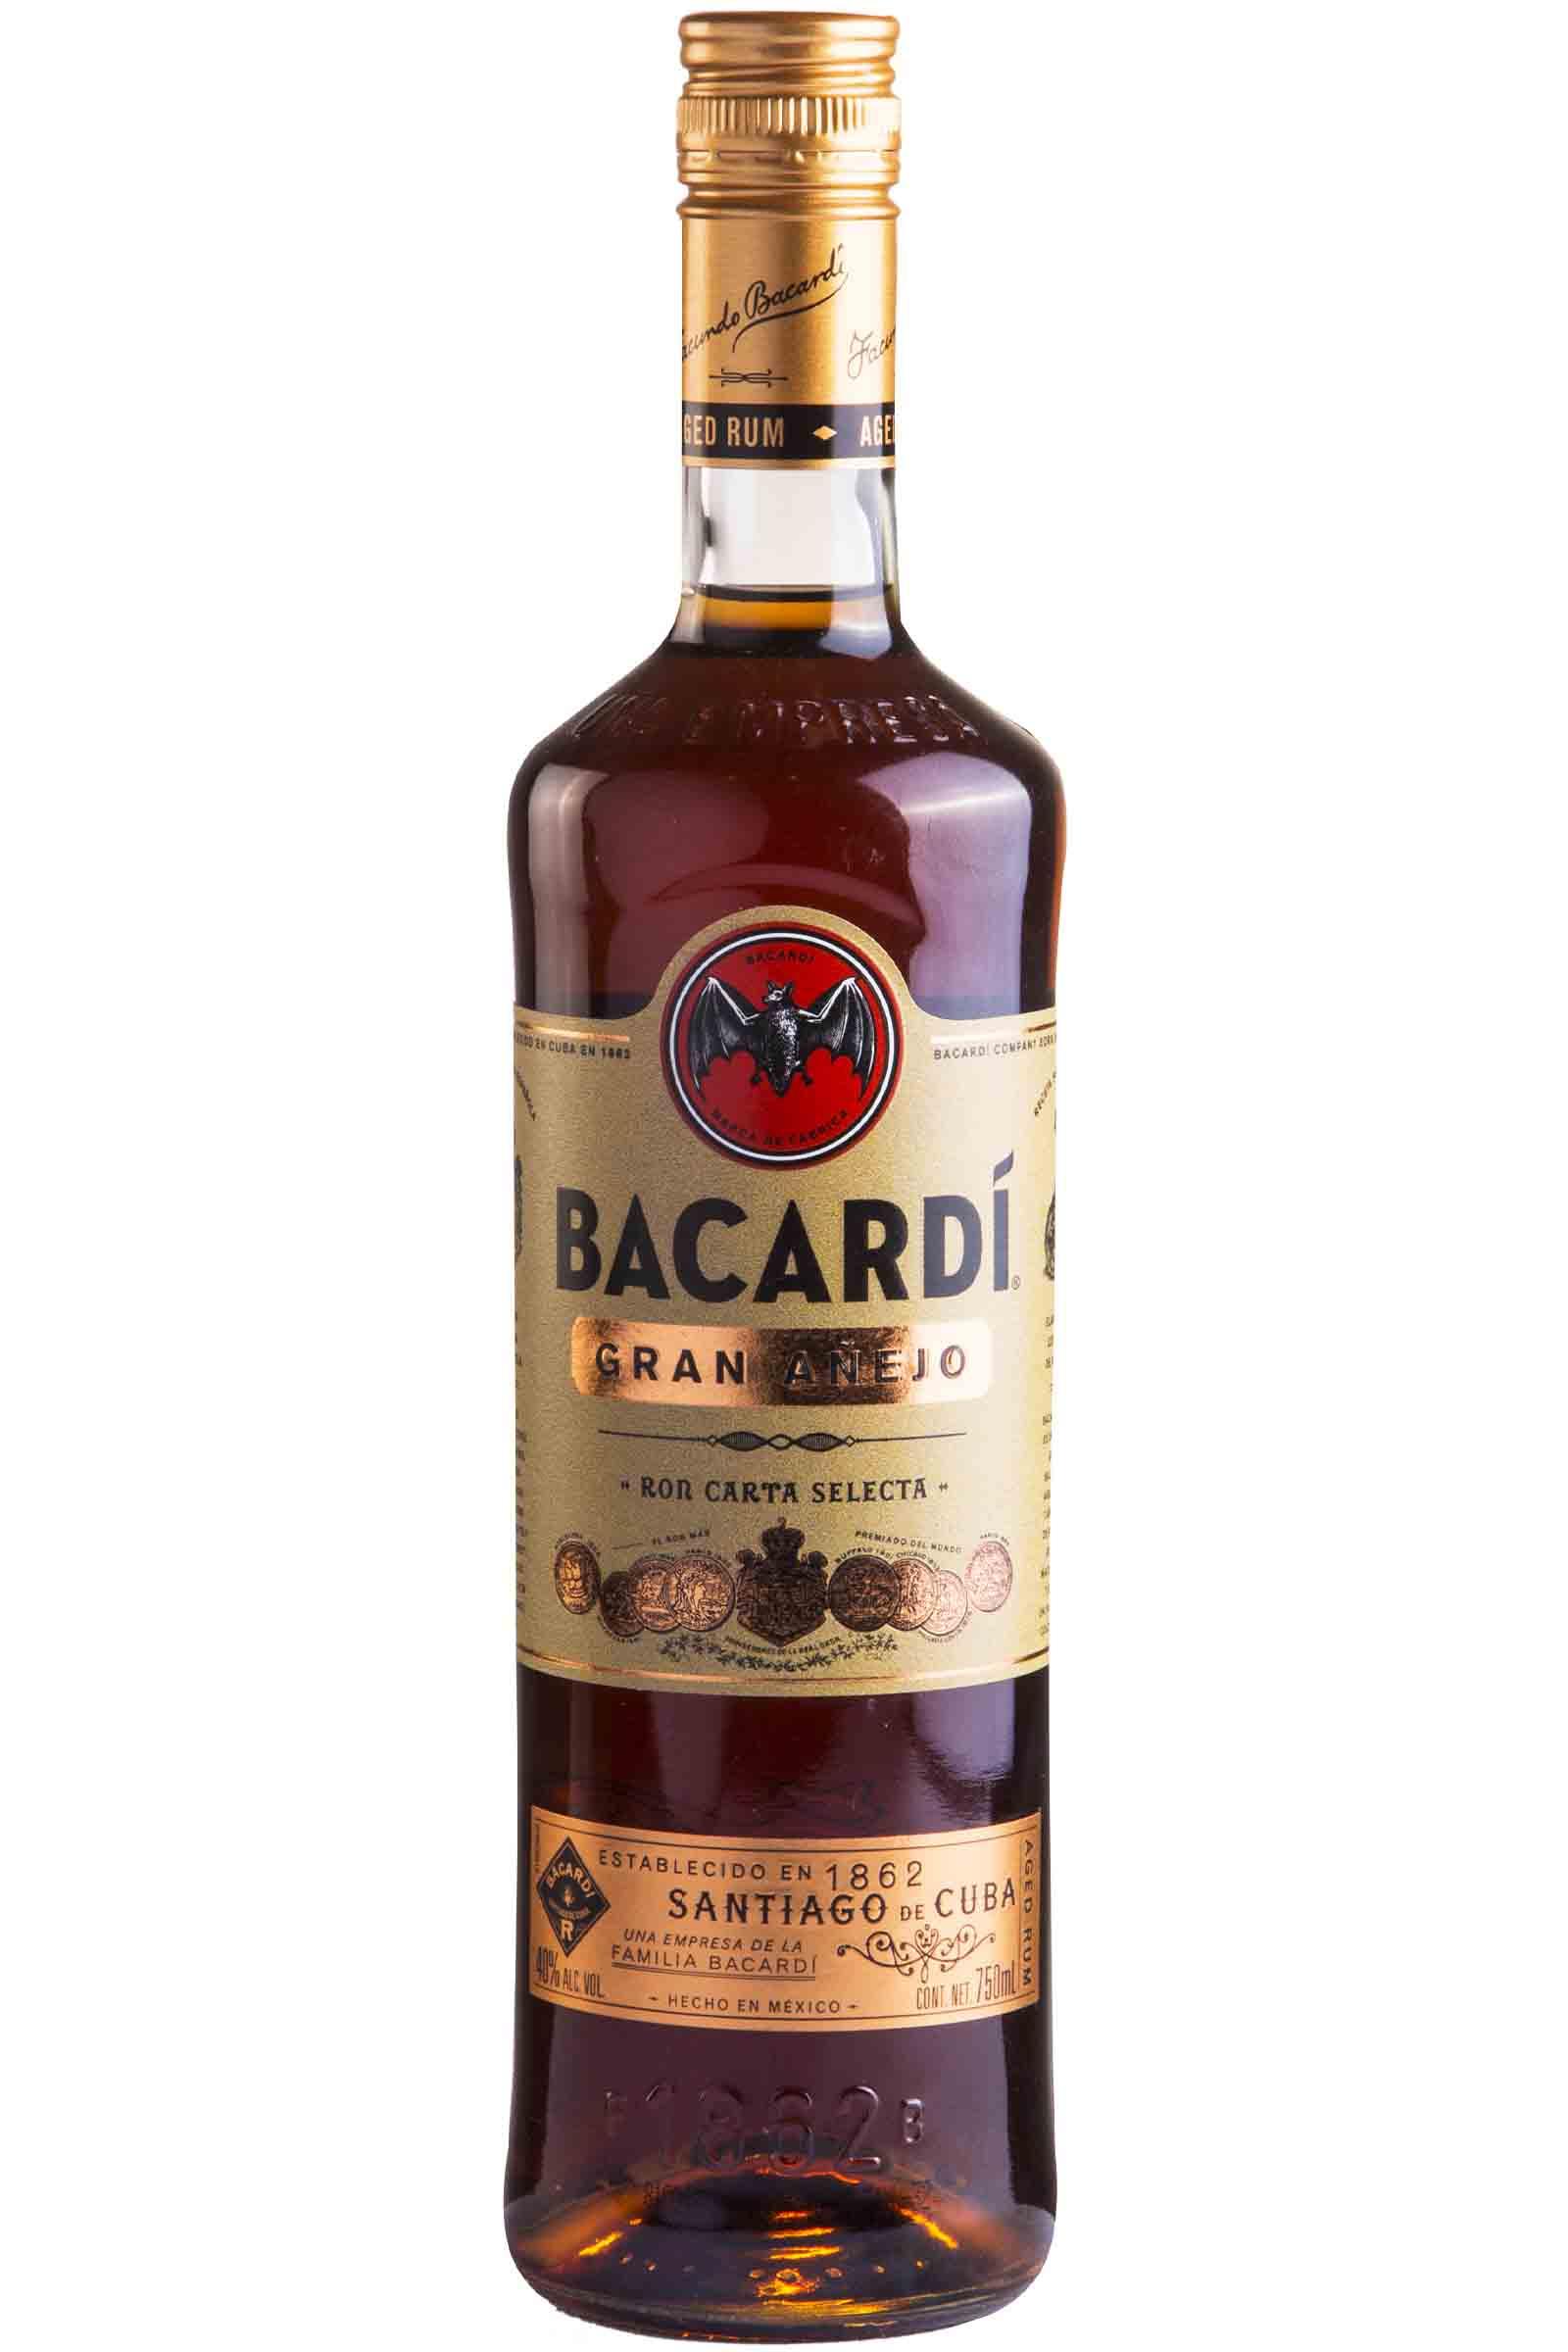 Ron Bacardi Gran Añejo 750ml